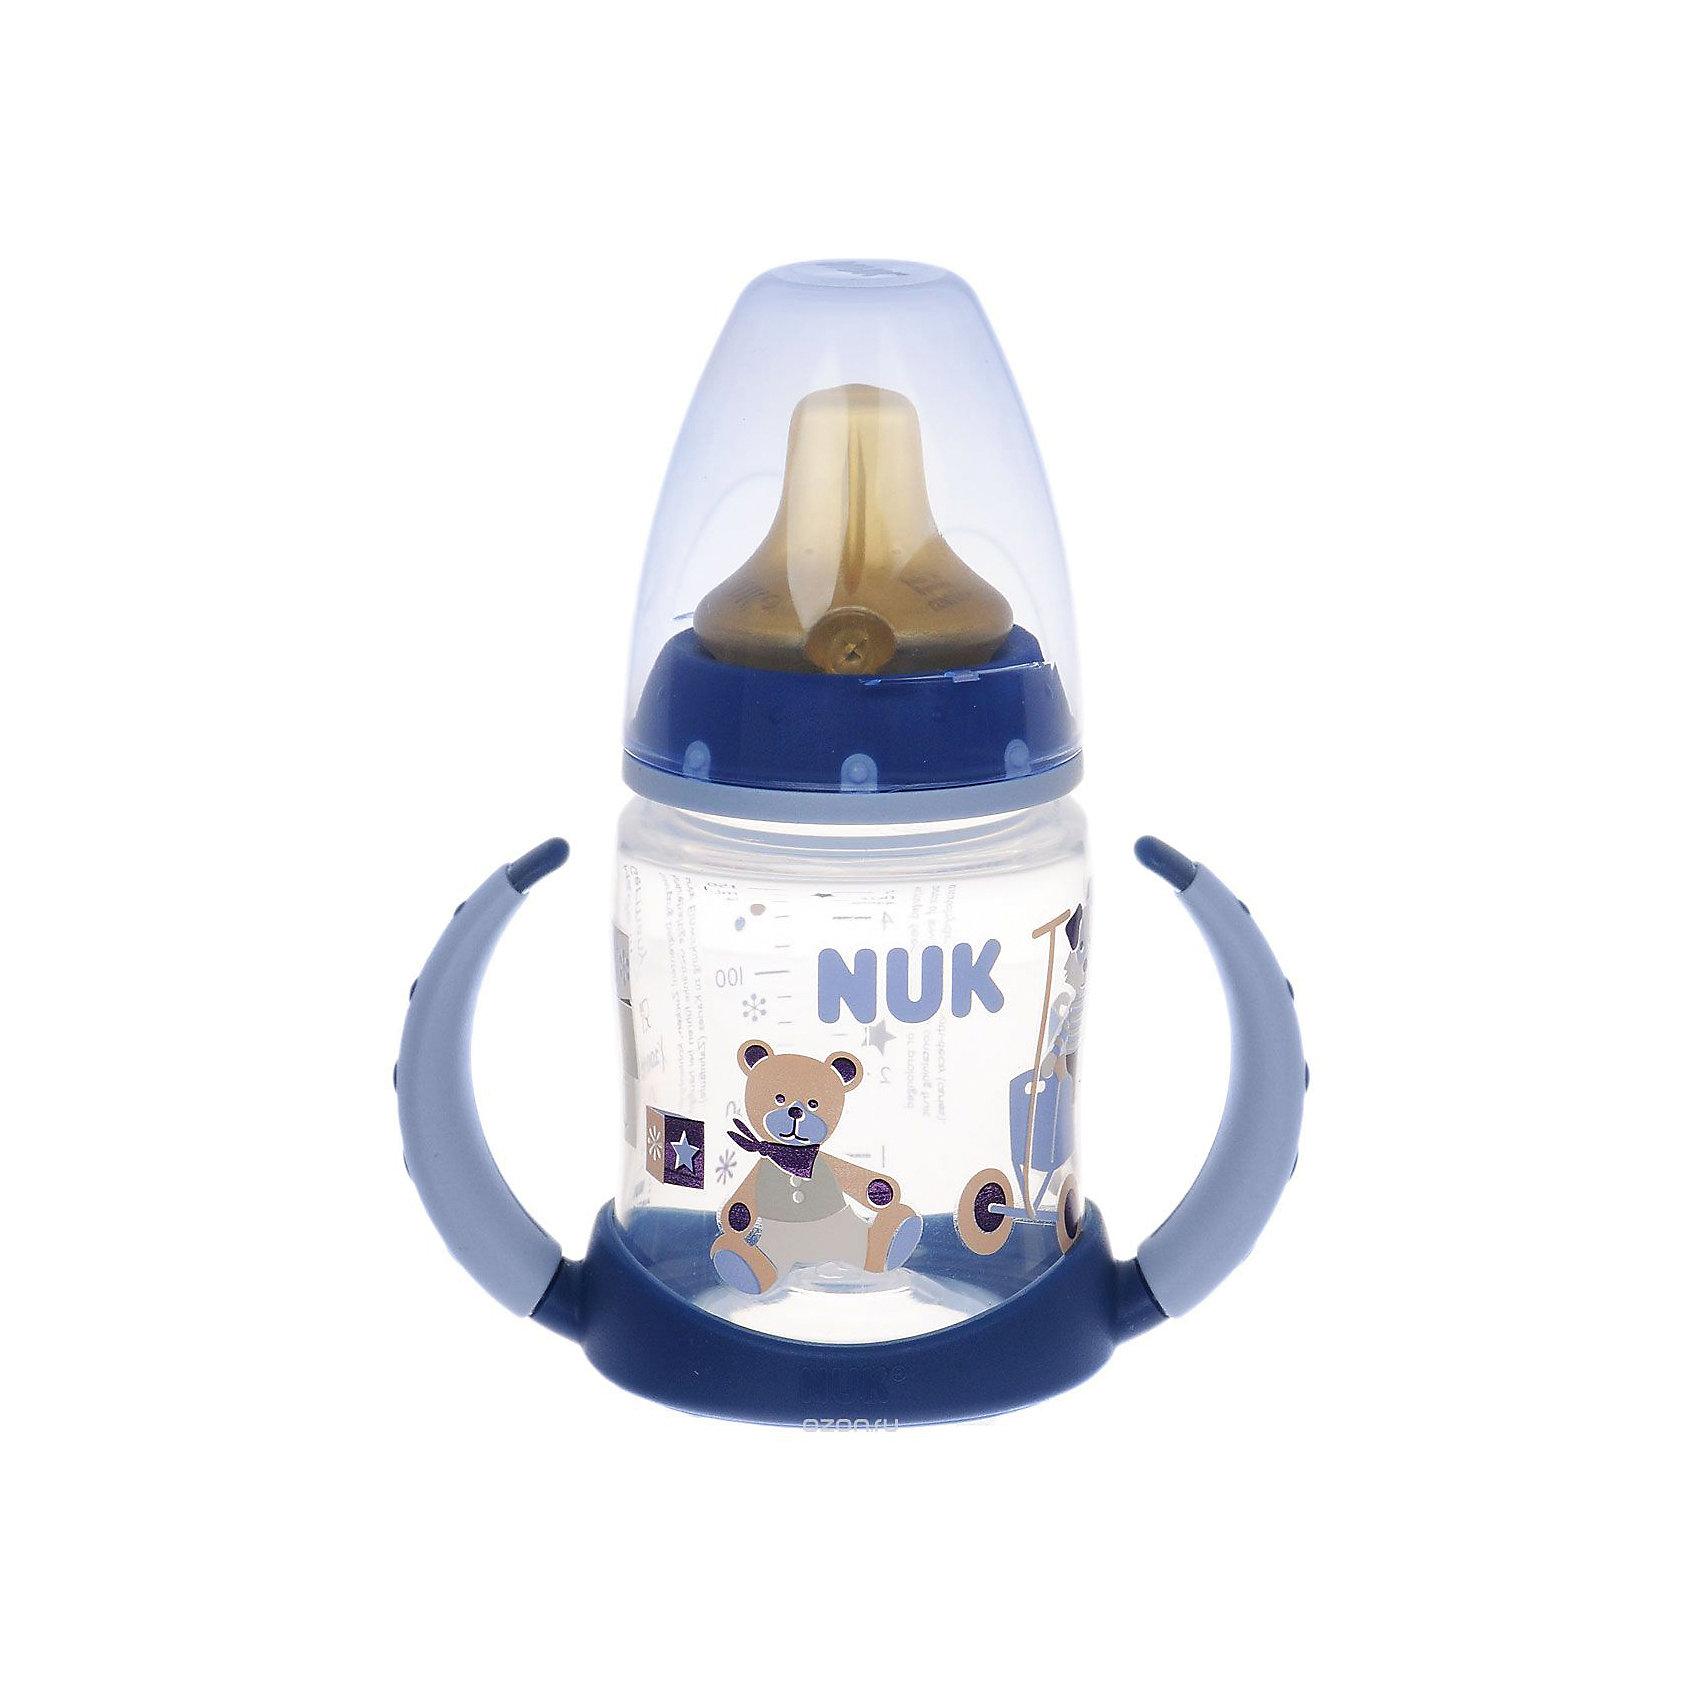 Бутылочка First Choice пласт. (ПП) 150 мл., NUK, голубойБутылочки и аксессуары<br>Характеристики изделия:<br><br>- объем: 150 мл;<br>- цвет: голубой;<br>- материал: латекс, полипропилен;<br>- широкое горло;<br>- размер соски: 1, S.<br><br>Детские товары существенно облегчают жизнь молодым мамам. Но существует множество необходимых вещей для материнства. К таким относится обыкновенная пластиковая бутылочка для вскармливания младенца. <br>Данная модель оптимально подходит для детей на смешанном вскармливании. Мягкий материал соски подойдет для самых маленьких. Есть 2 вида соски. Бутылочка легко очищается от любых поверхностных загрязнений, так как имеет удобное широкое горлышко. Оптимальный объем позволит использовать бутылочку для малышей от 0 до шести месяцев.<br><br>Бутылочку First Choice от производителя NUK можно купить в нашем магазине.<br><br>Ширина мм: 120<br>Глубина мм: 65<br>Высота мм: 185<br>Вес г: 133<br>Возраст от месяцев: -2147483648<br>Возраст до месяцев: 2147483647<br>Пол: Унисекс<br>Возраст: Детский<br>SKU: 5065235